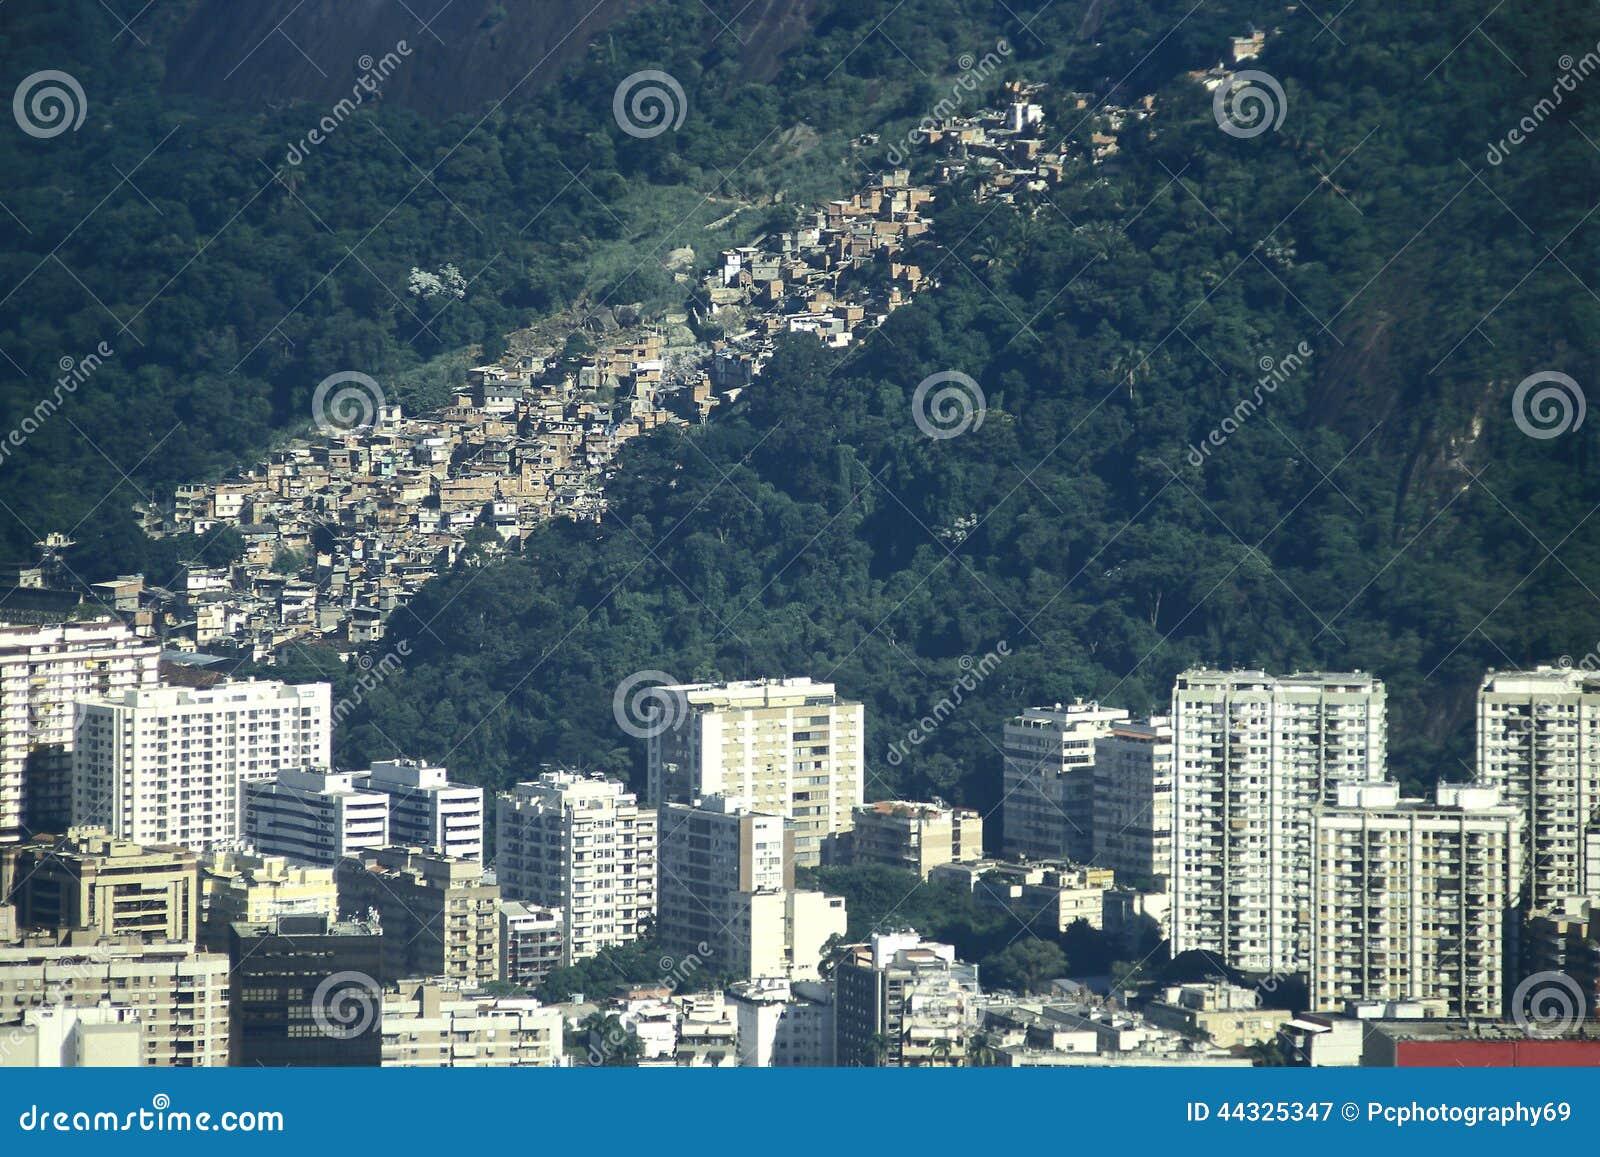 Kontrast bewtween bogactwo i ubóstwo w Brazylia: drapacze chmur